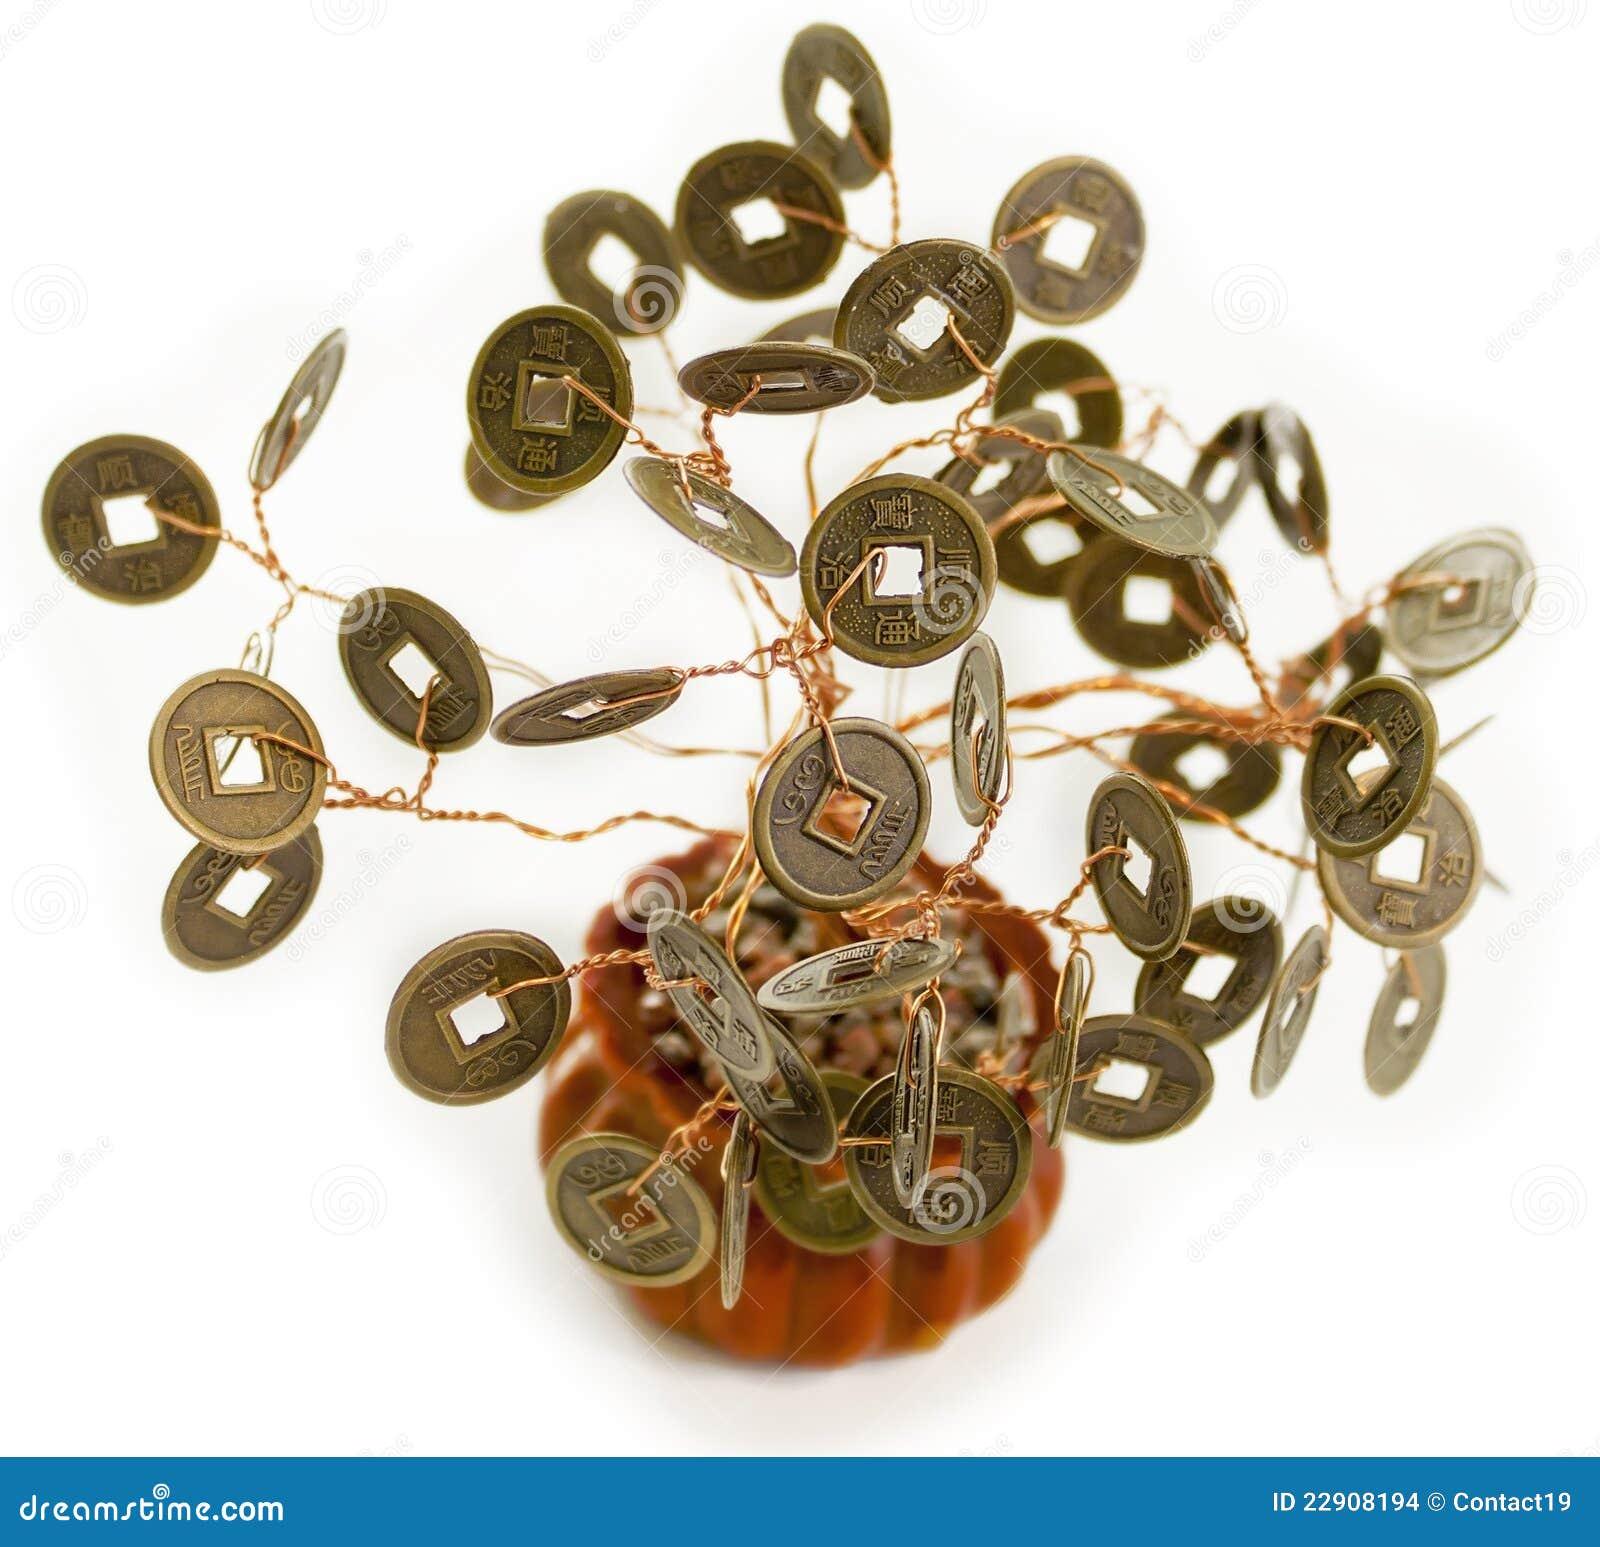 feng shui money tree stock images image 22908194. Black Bedroom Furniture Sets. Home Design Ideas